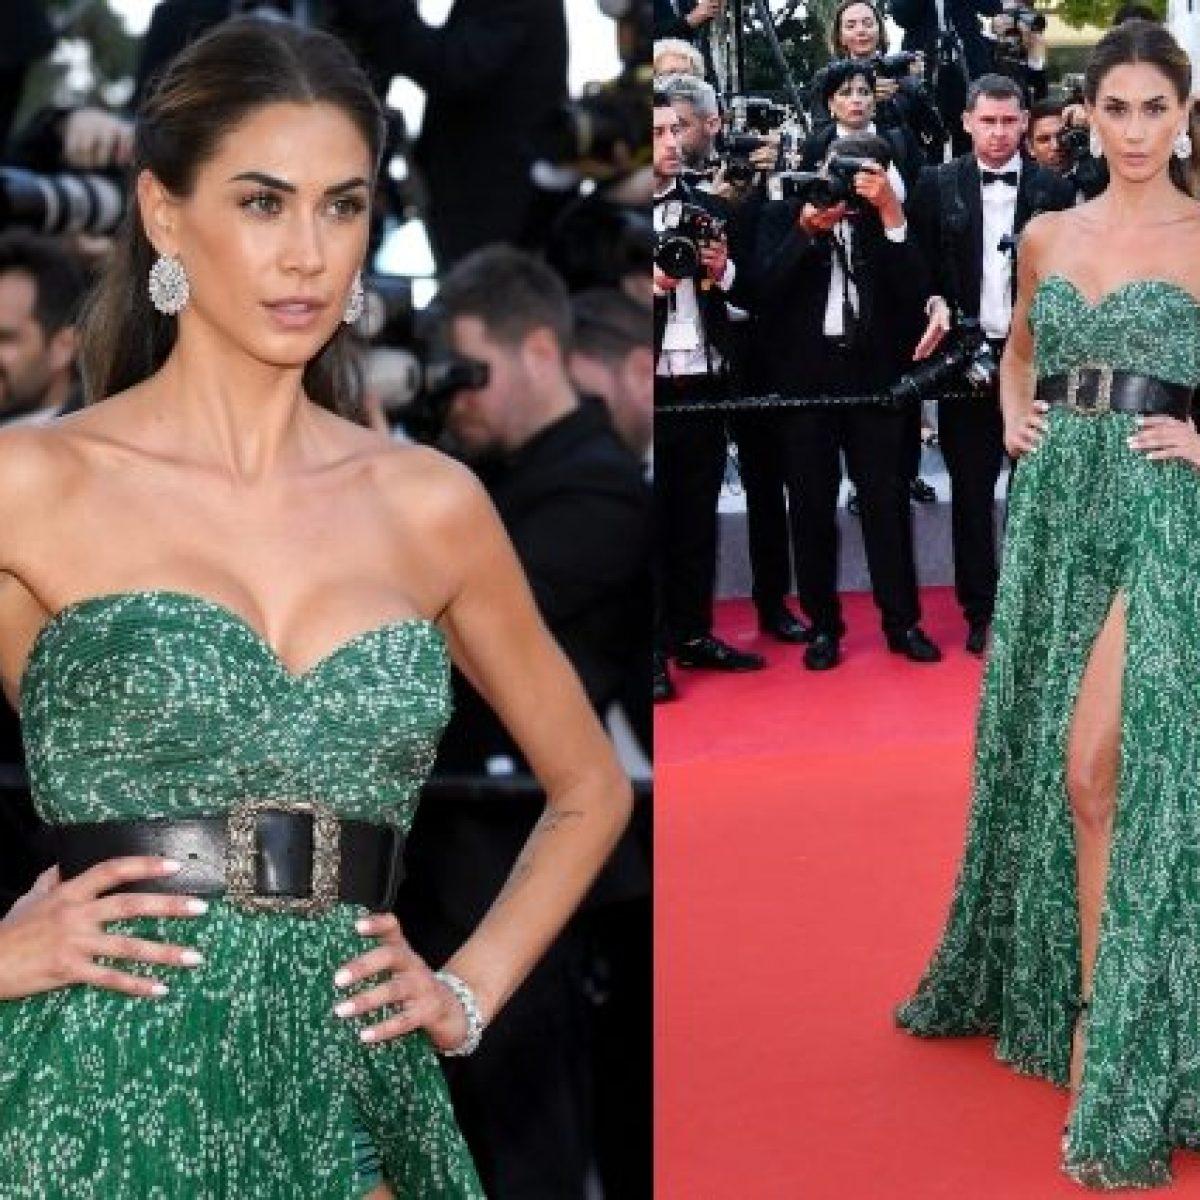 on sale fa192 50356 Festival di Cannes 2019, Melissa Satta incanta con l'abito ...